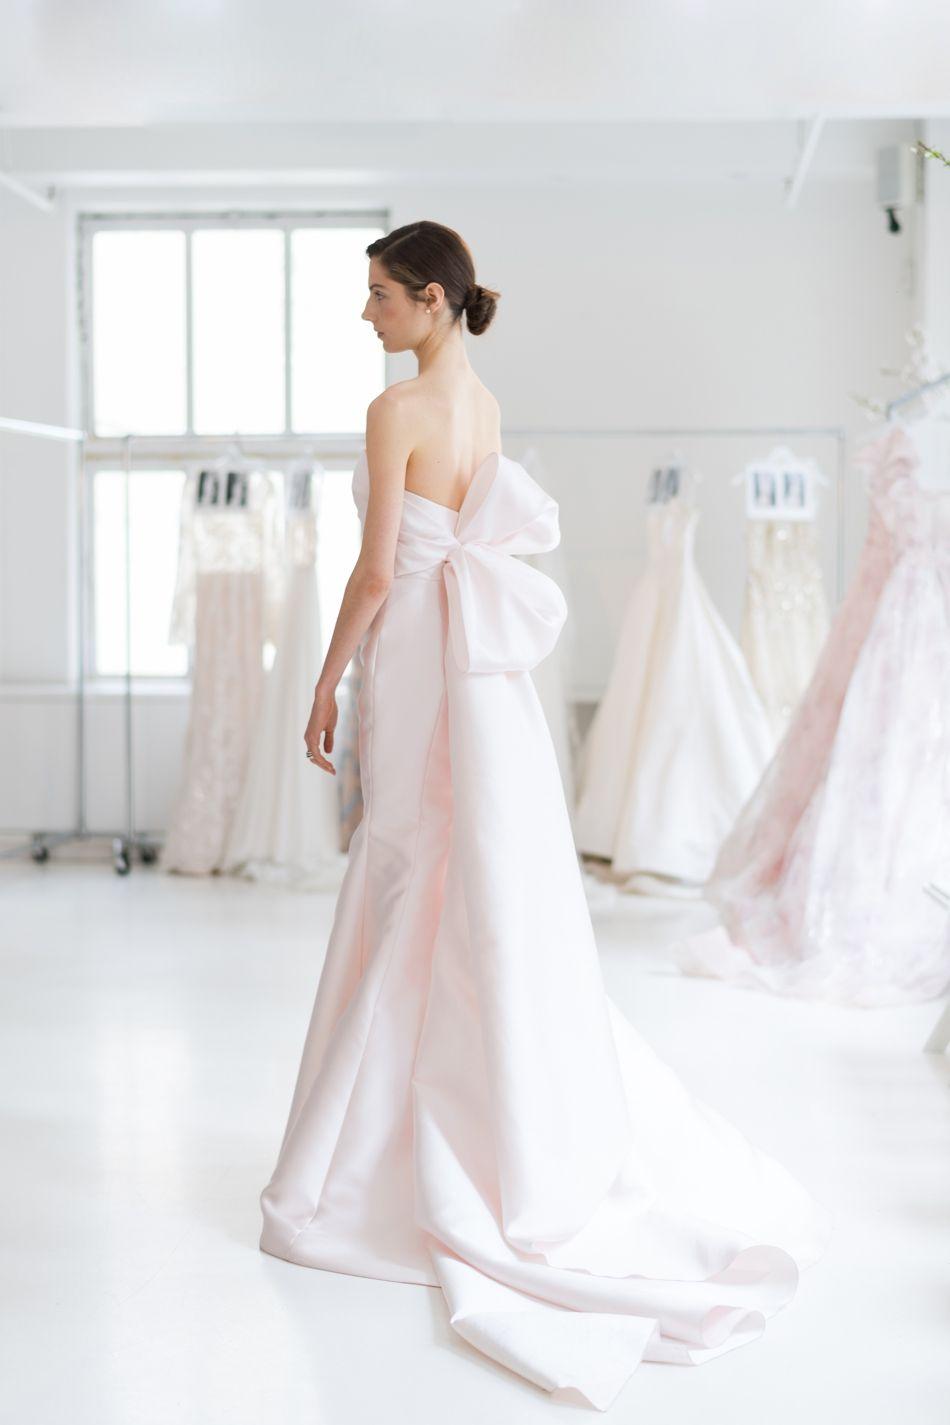 NY Bridal Fashion Week | Orlando wedding photographer, Wedding ...